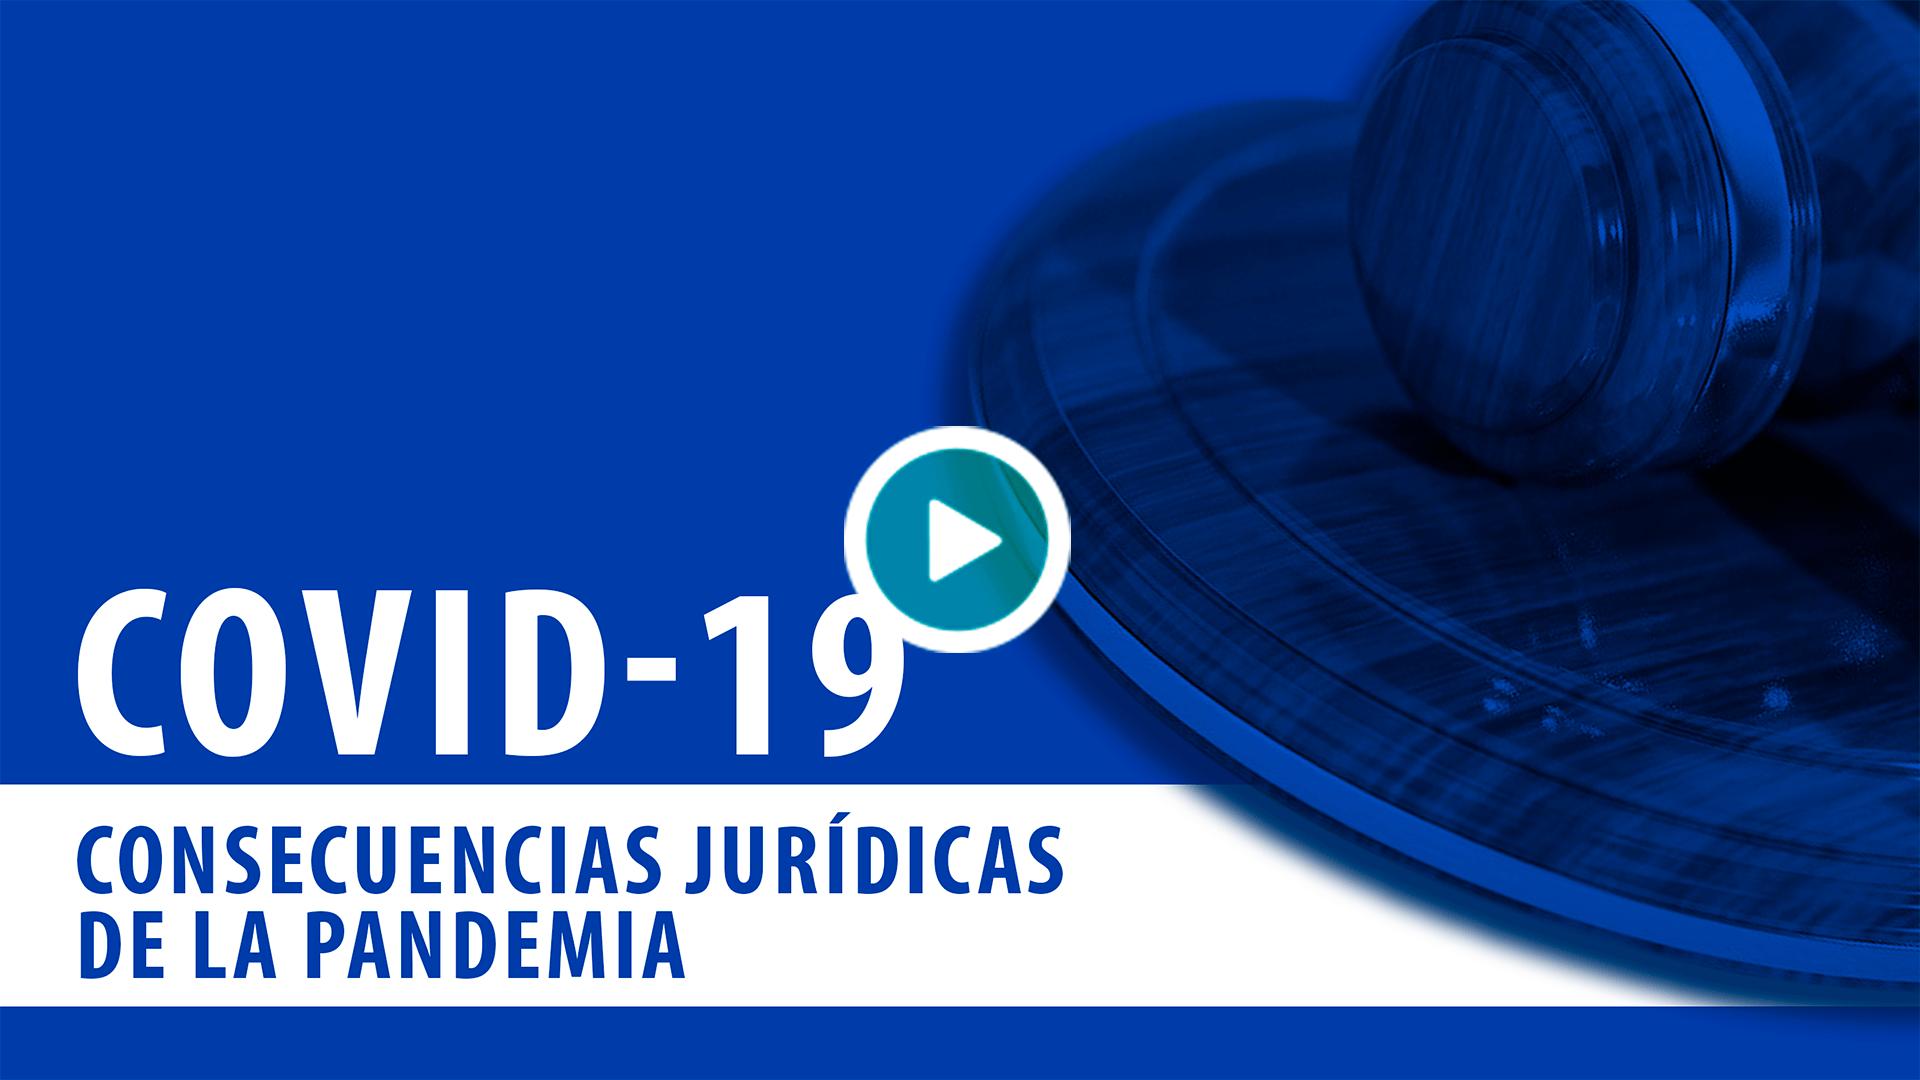 20200507_foroderecho1_Consecuencias-jurídicas-de-la-pandemia_v2